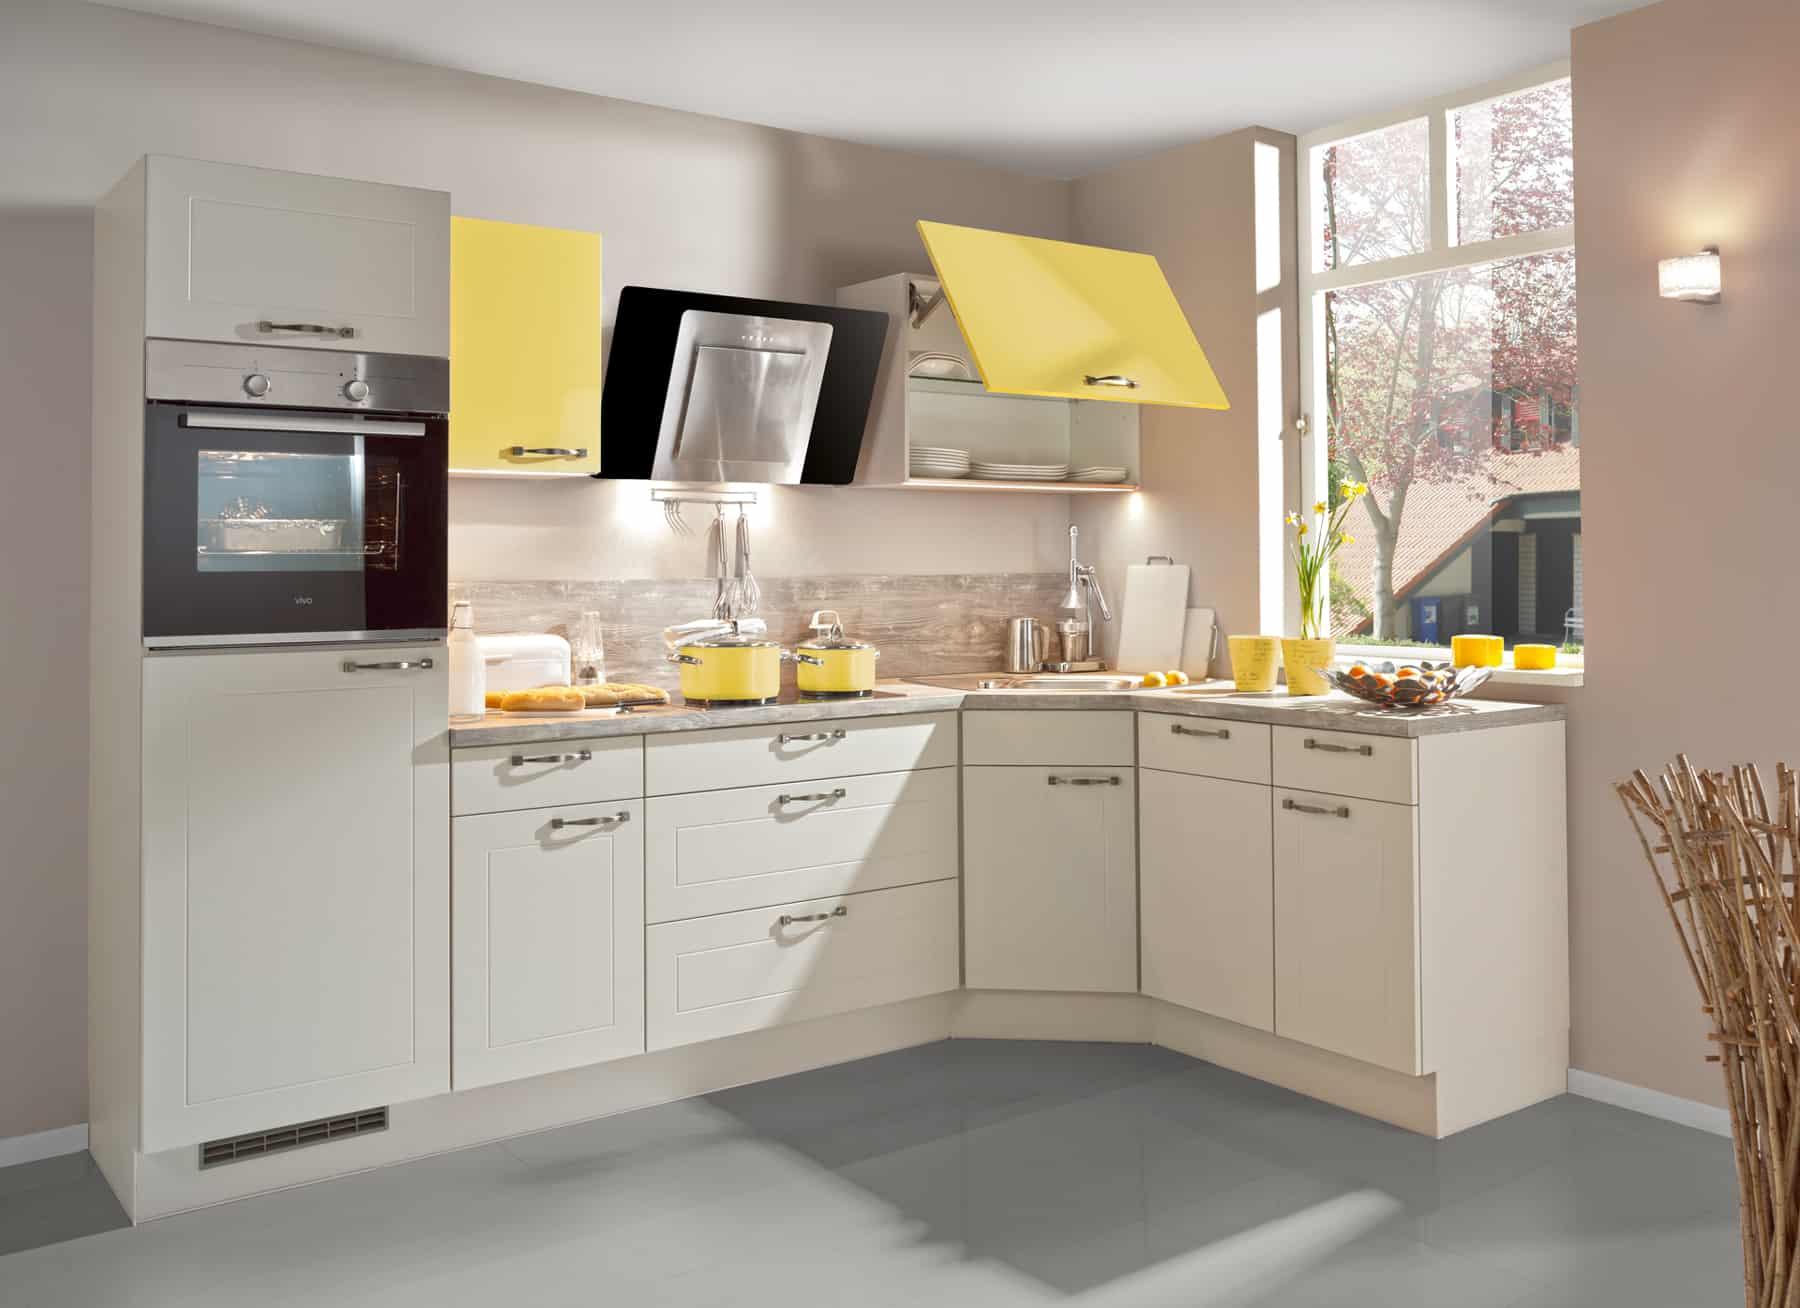 Küche Beige | Kuchen Gelb Beige Lieblingskuchen Rostock Wo Sie Ihre Kuche Kaufen